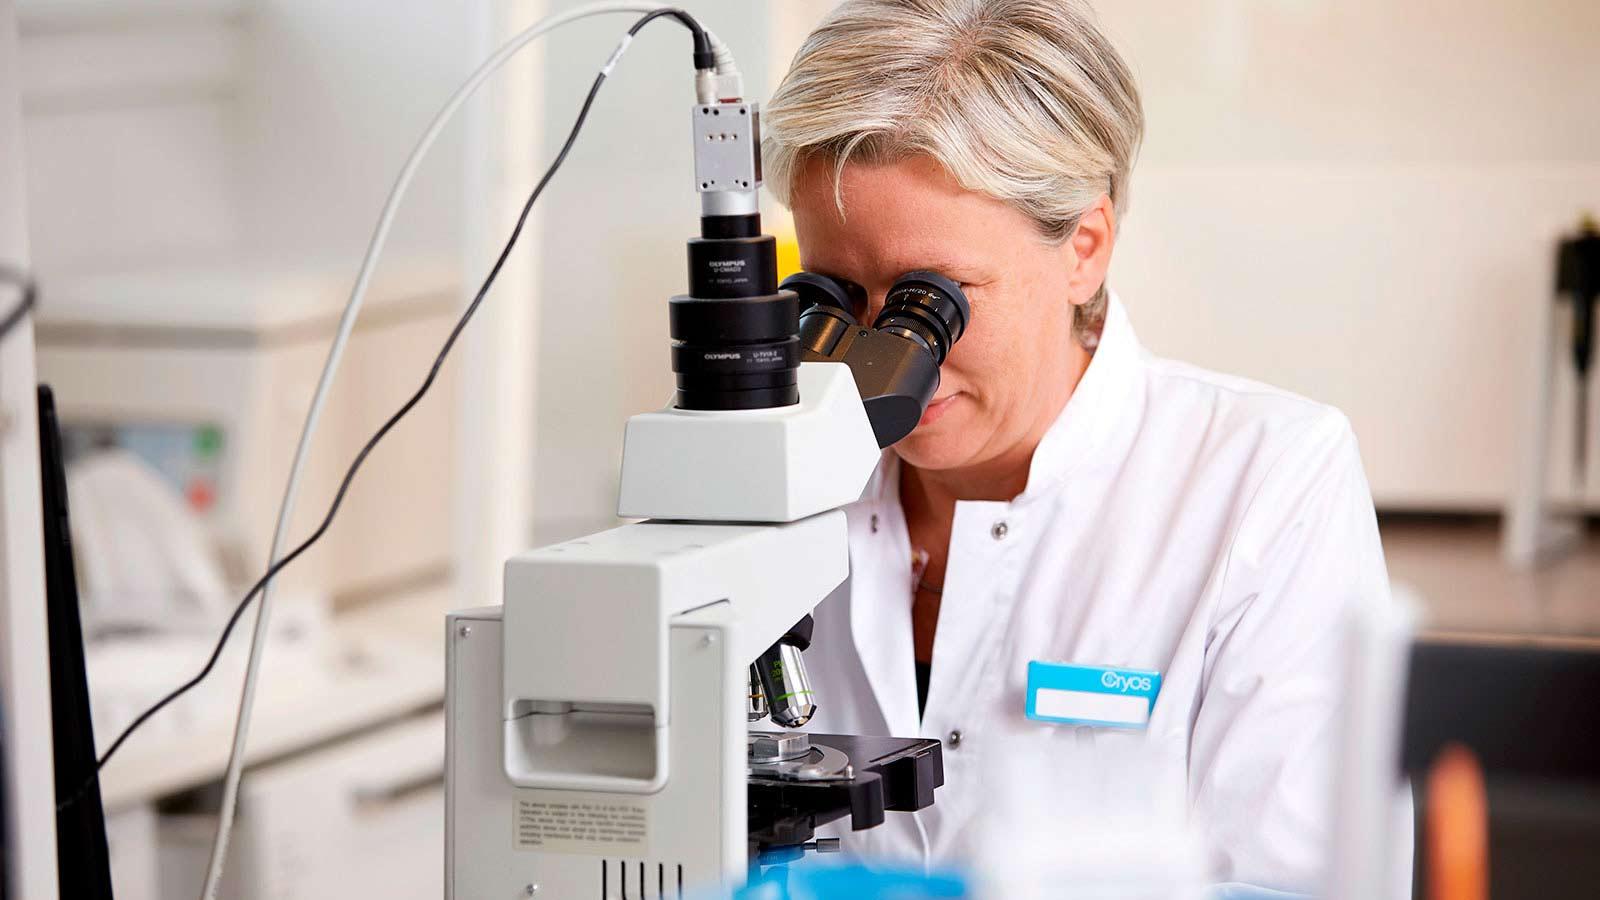 顕微鏡を使ってドナー精子サンプルの品質を評価するCryosの検査技師